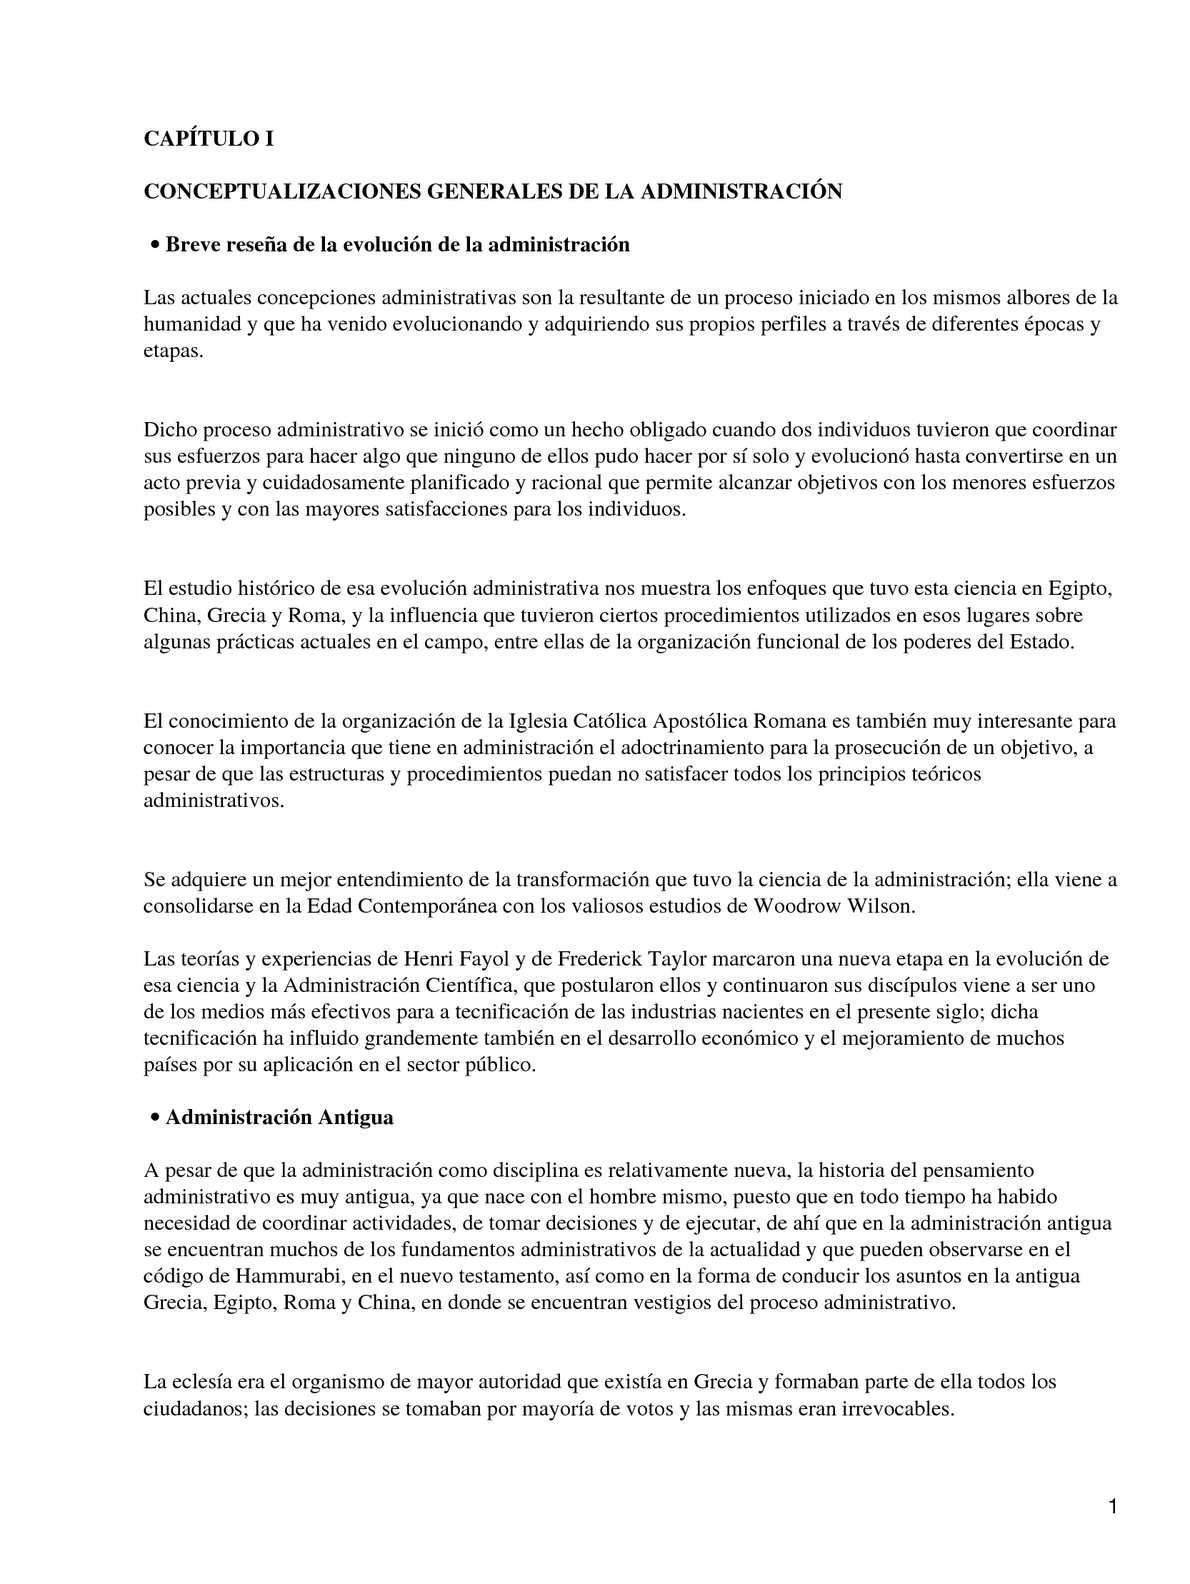 Calaméo - Administración de Empresas de Agustin Reyes Ponce